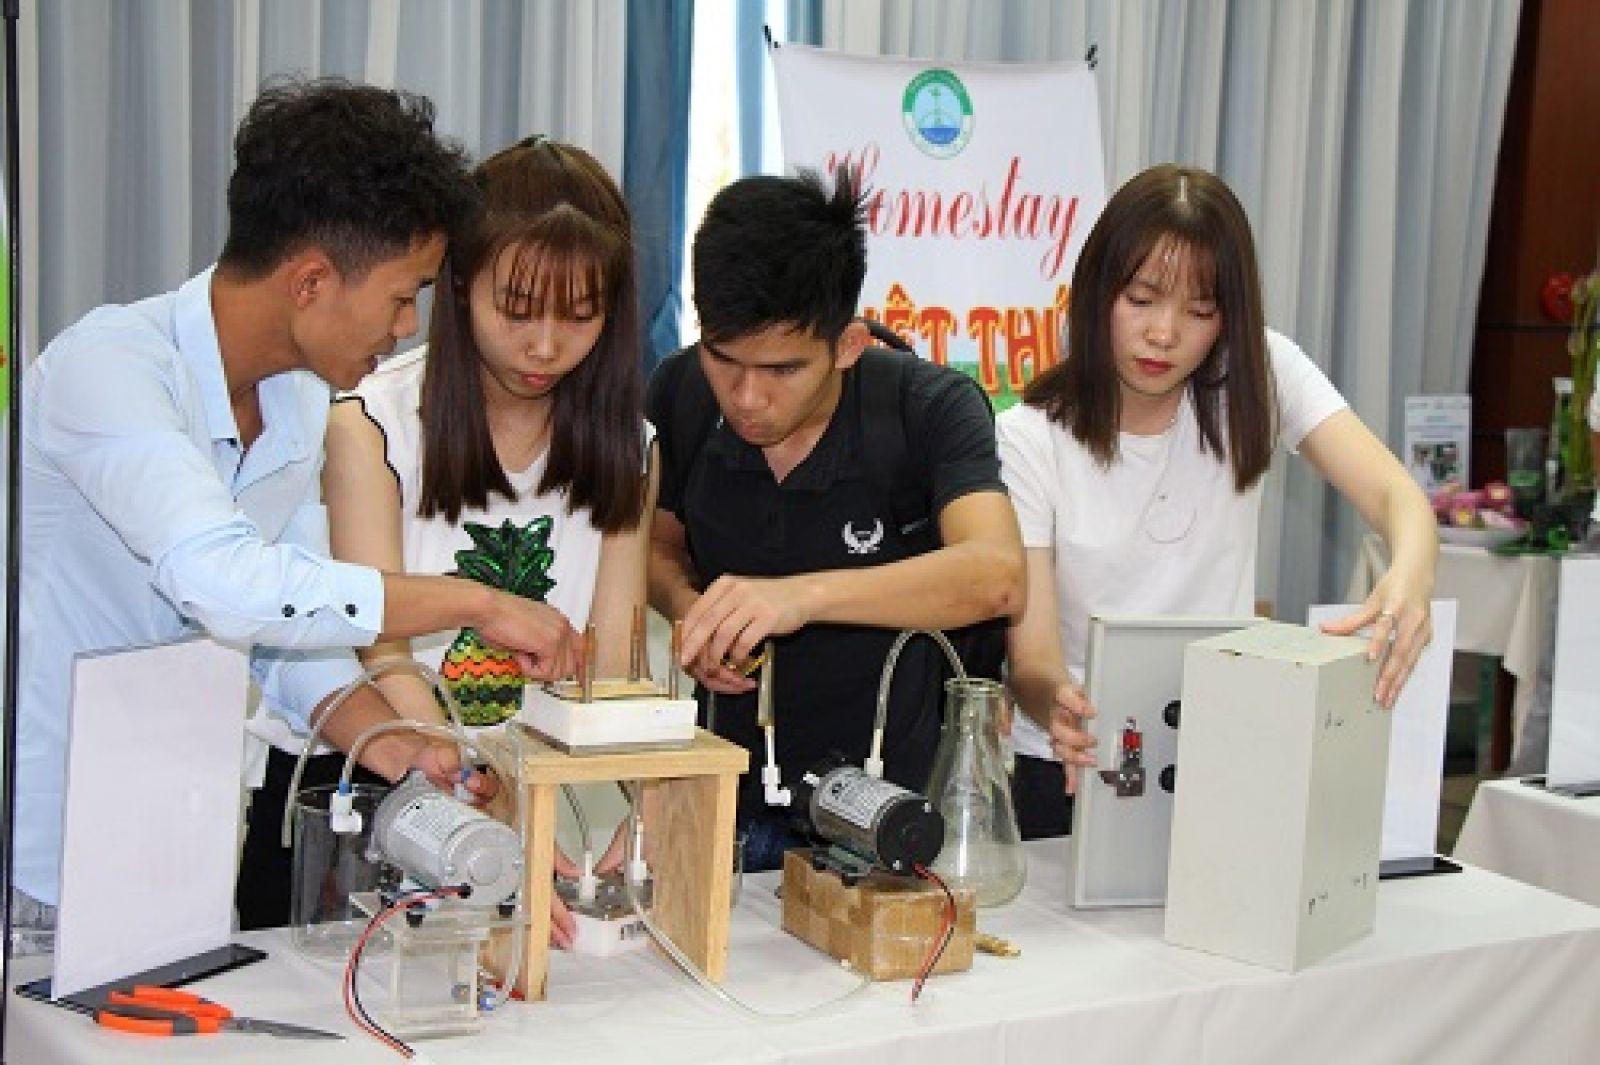 Mô hình sản phẩm máy lọc nước thông minh đến từ Lâm Đồng là một trong 34 dự án tham gia vòng chung kết Dự án khởi nghiệp nông nghiệp lần 4. Ảnh: BSA.